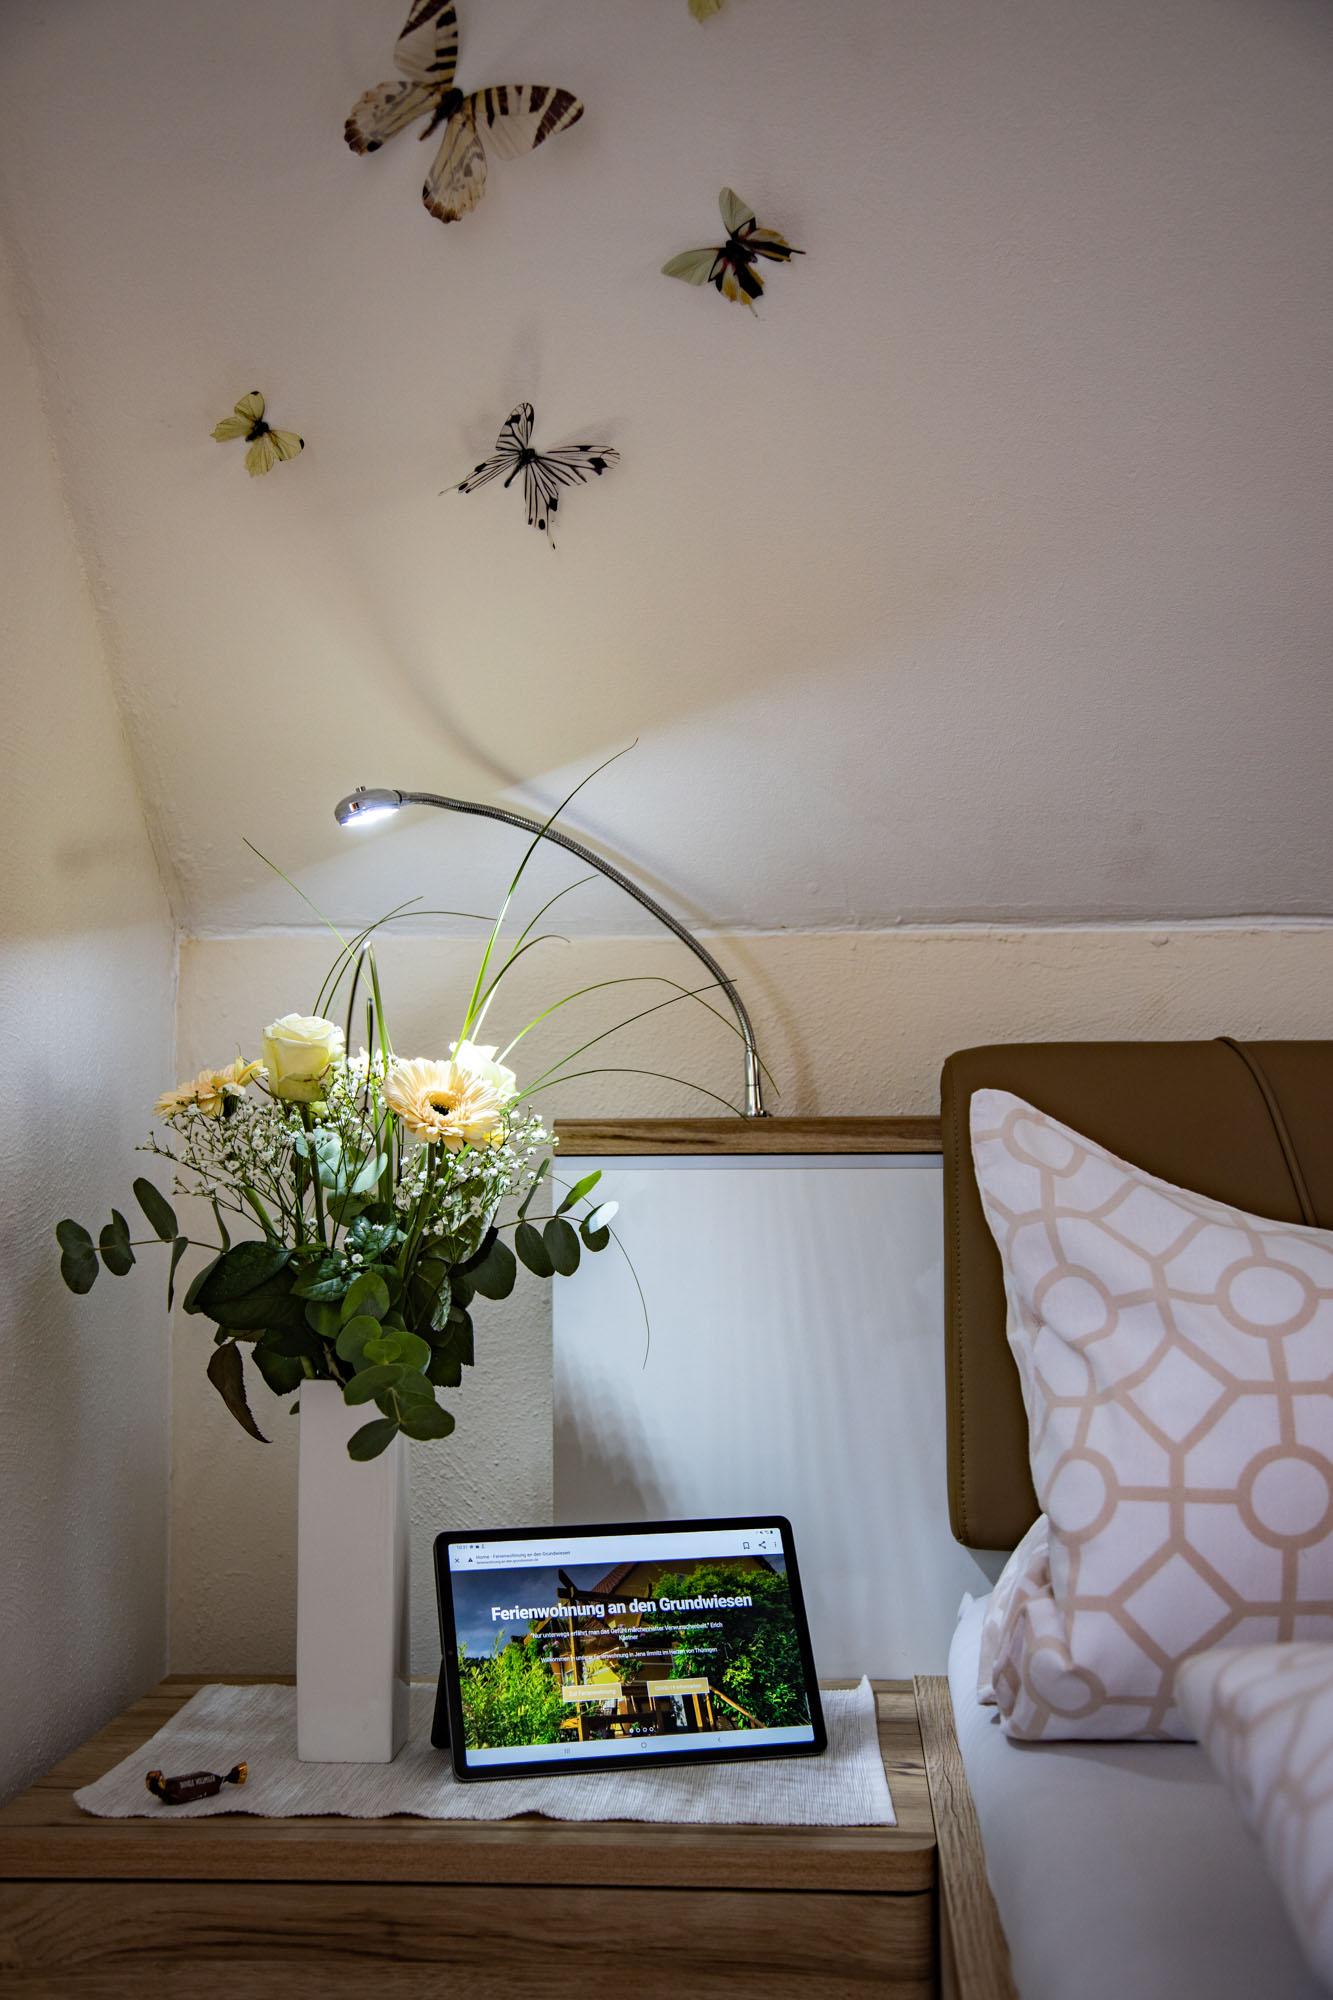 Ferienwohnung an den Grundwiesen Schlafzimmer Detail 20201121 1